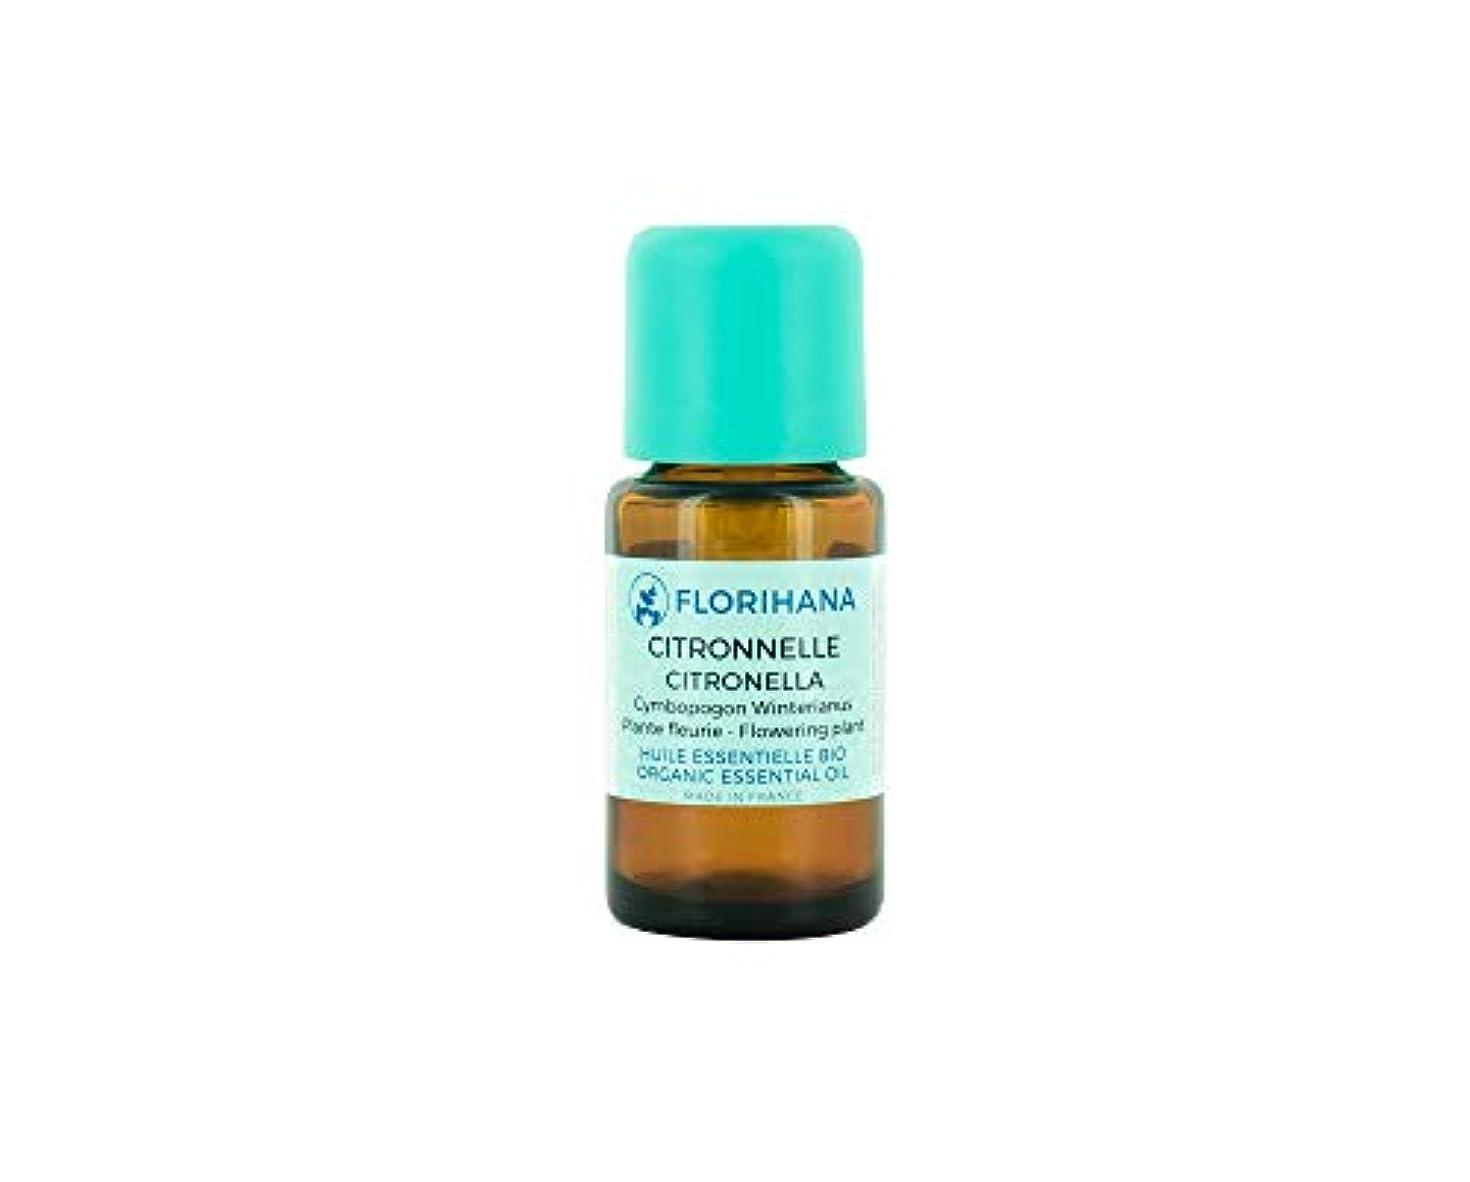 補体西強いますオーガニック エッセンシャルオイル シトロネラ 15g(16.9ml)